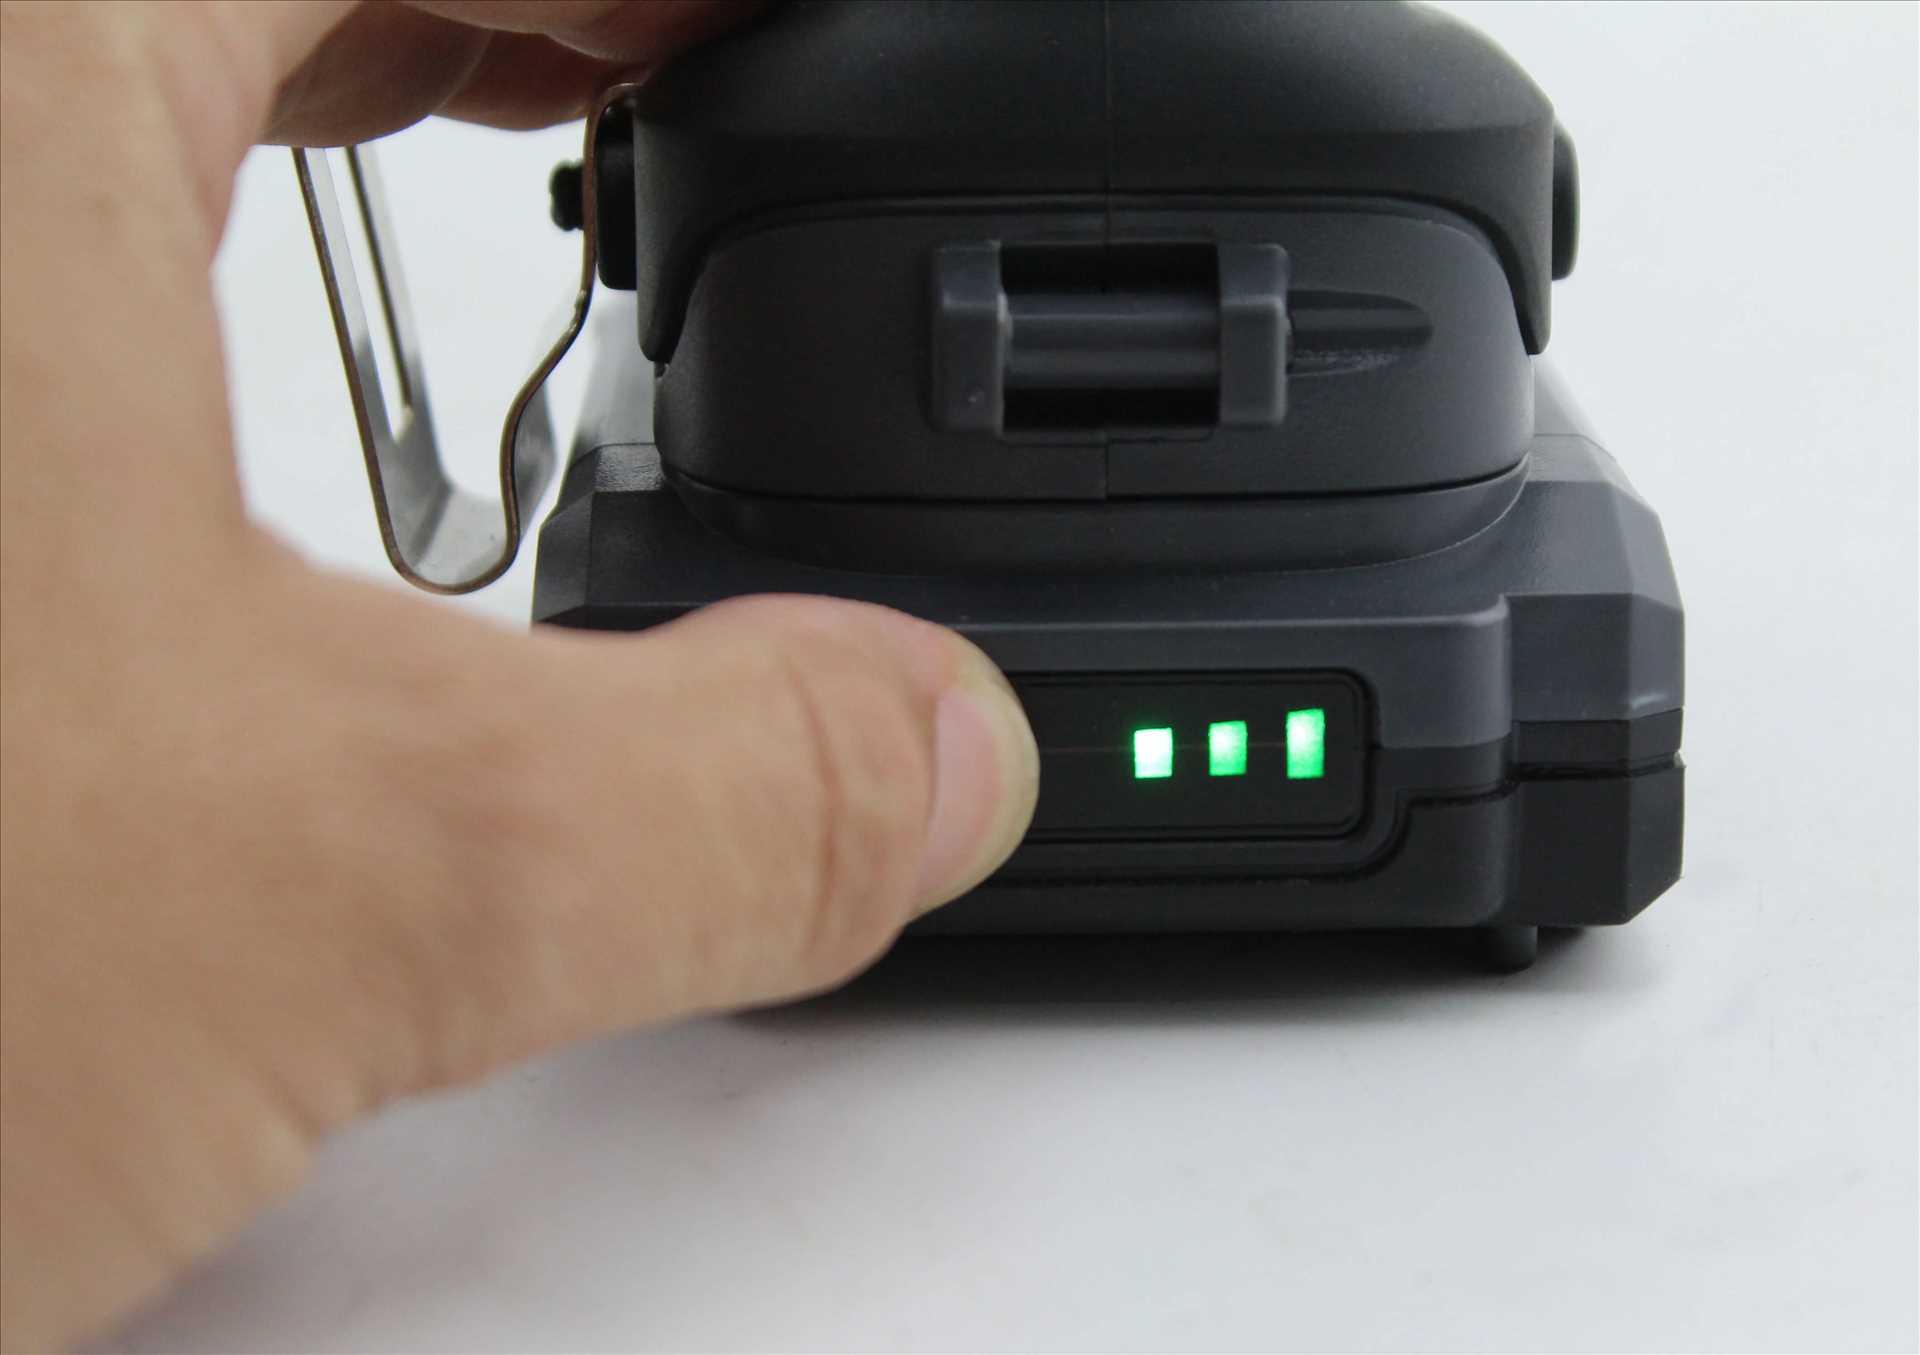 מברגה רוטטת קודחת ליתיום 1.5Ah 18V עם סוללה אחת 100311-007 Hunter האנטר - תמונה 2